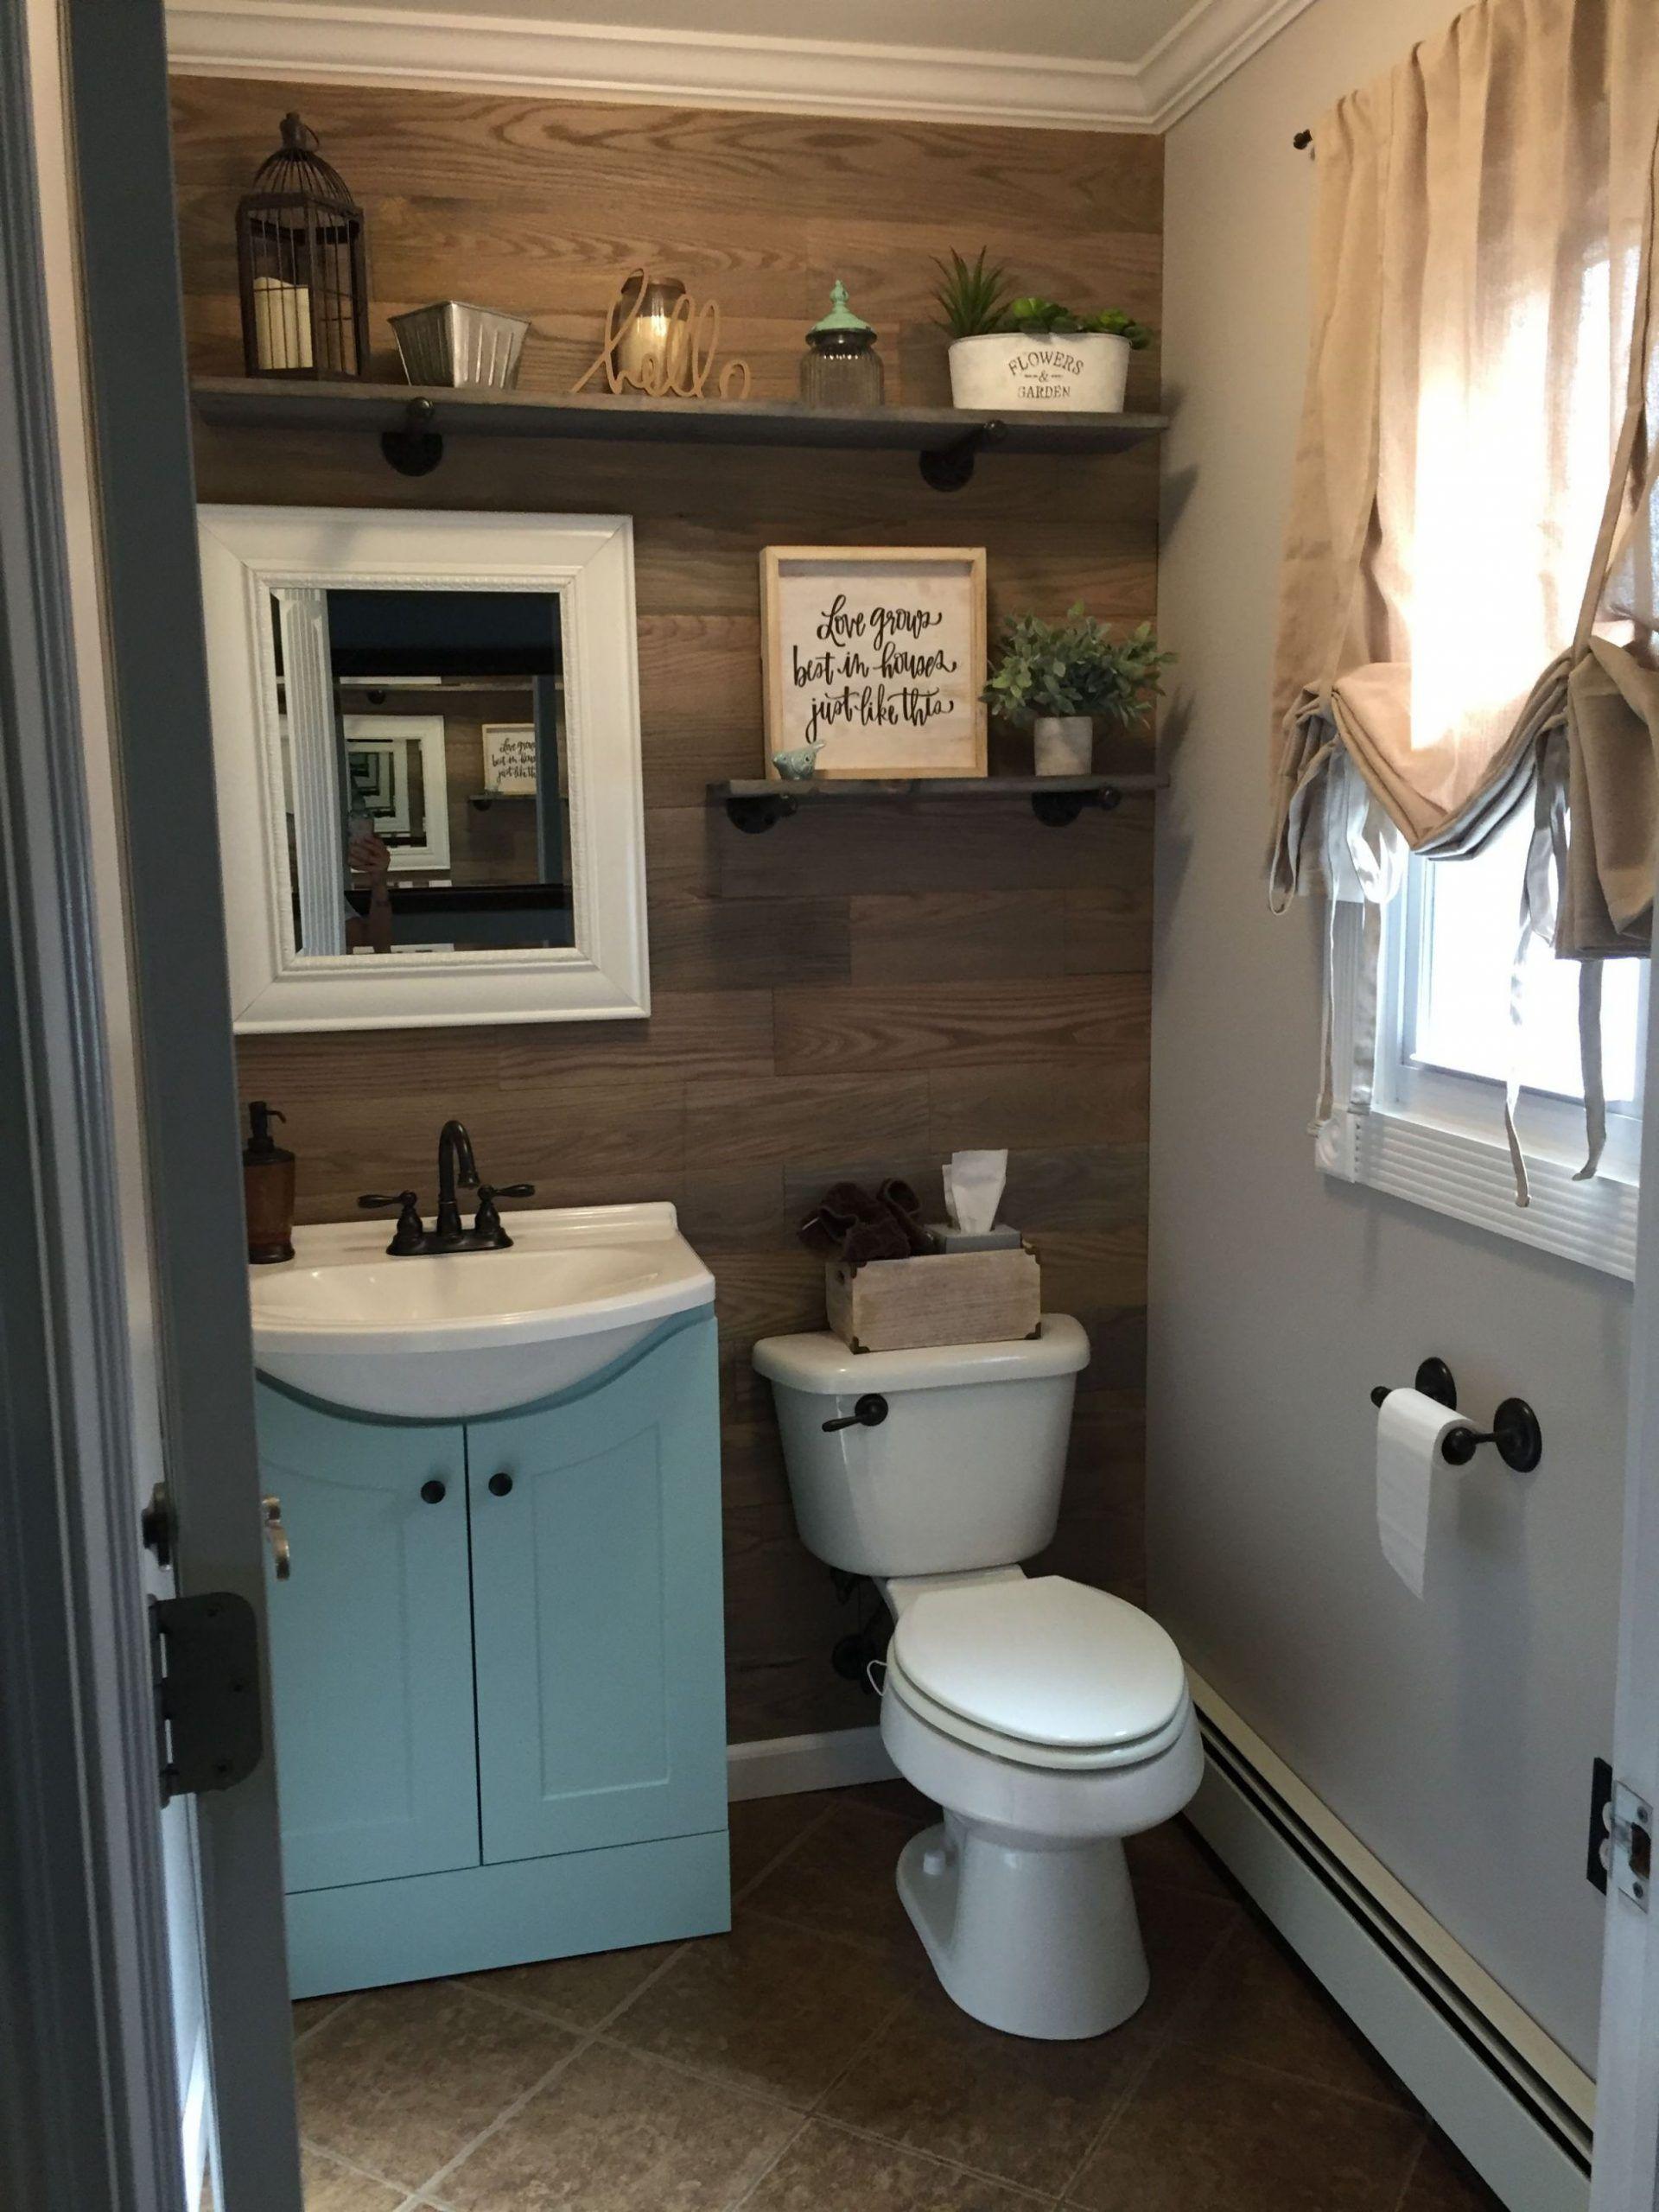 Beautiful Rustic Bathroom Ideas On A Budget In 2020 Cottage Bathroom Design Ideas Bathroom Design Small Small Bathroom Decor